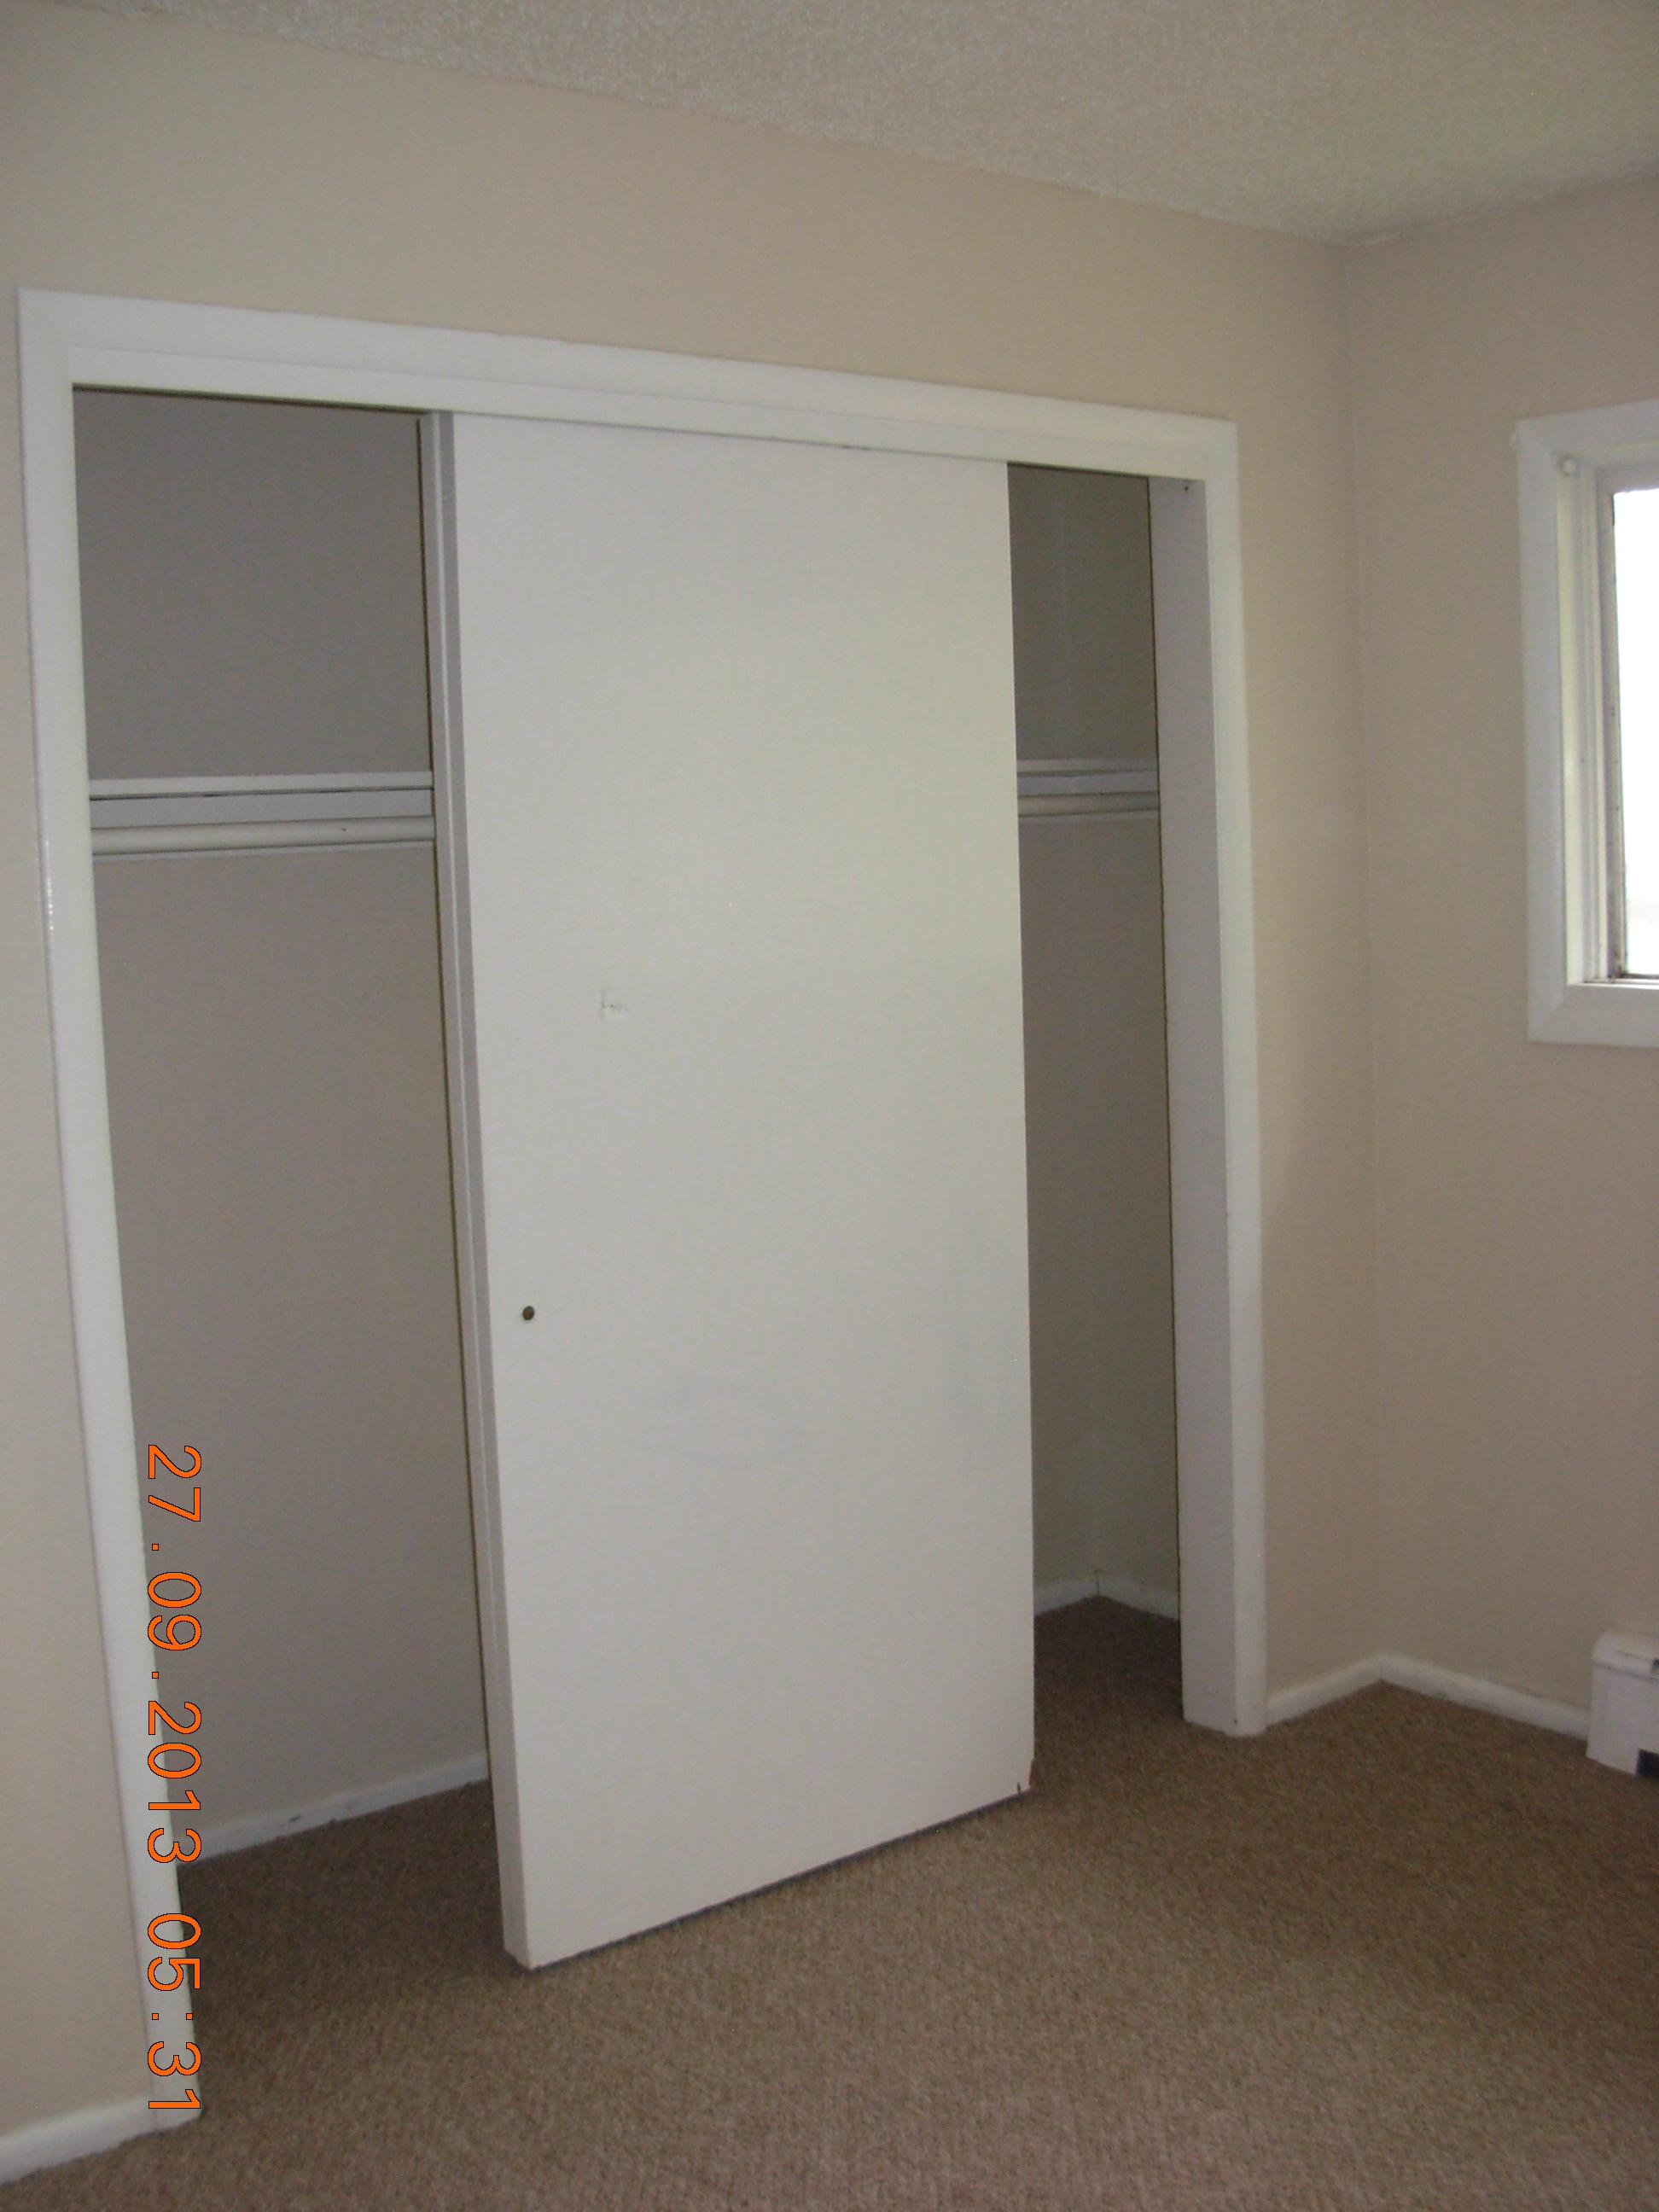 4 plex downstairs unit